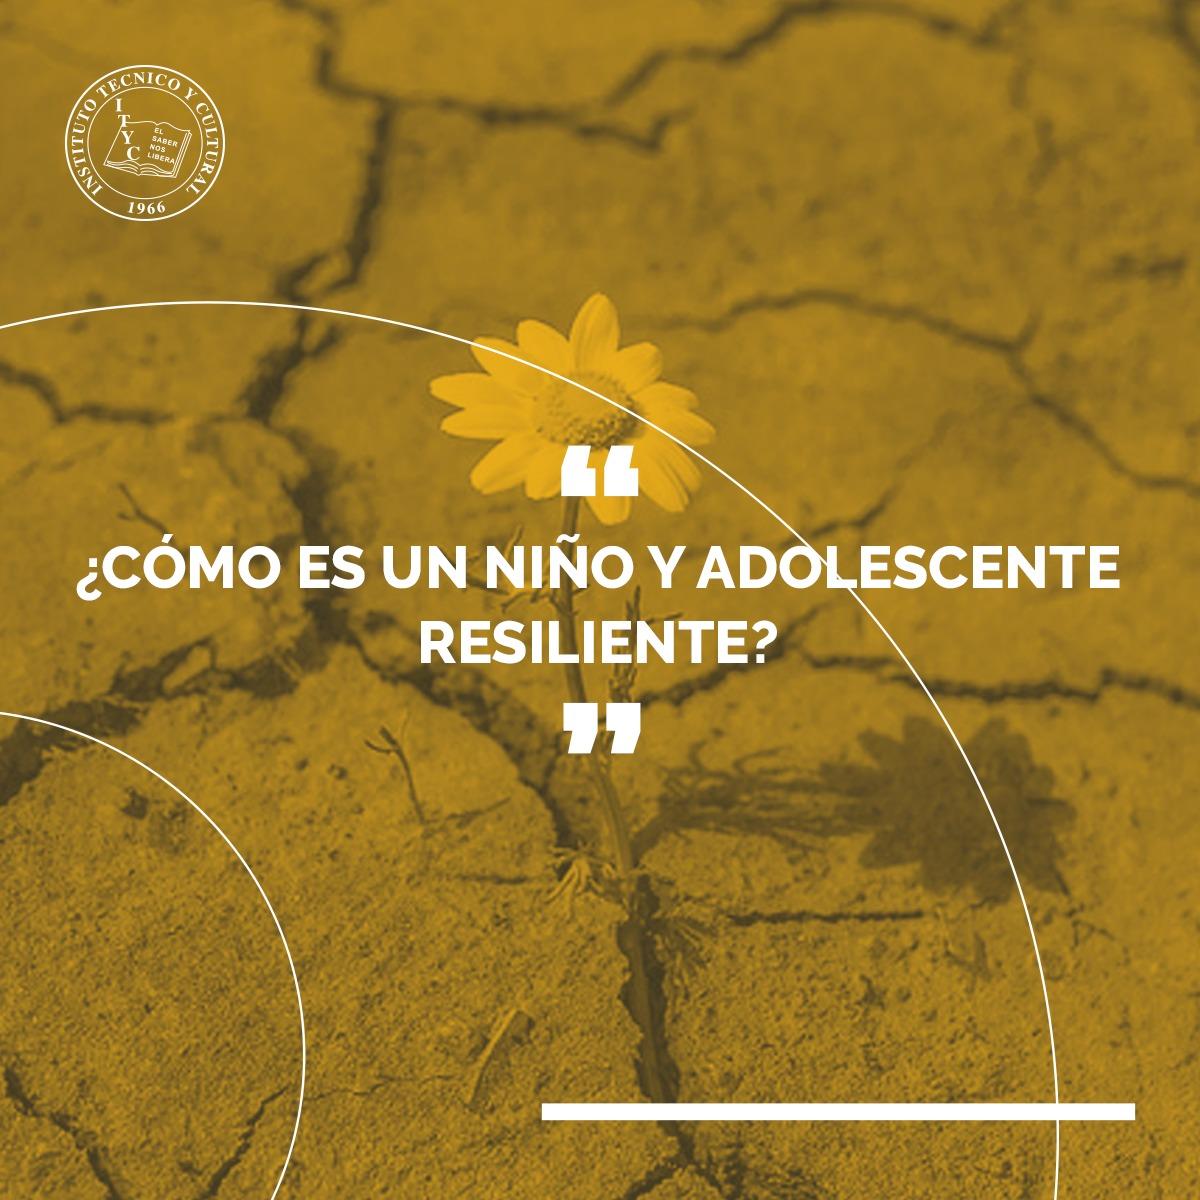 ¿Cómo es un niño y adolescente resiliente?